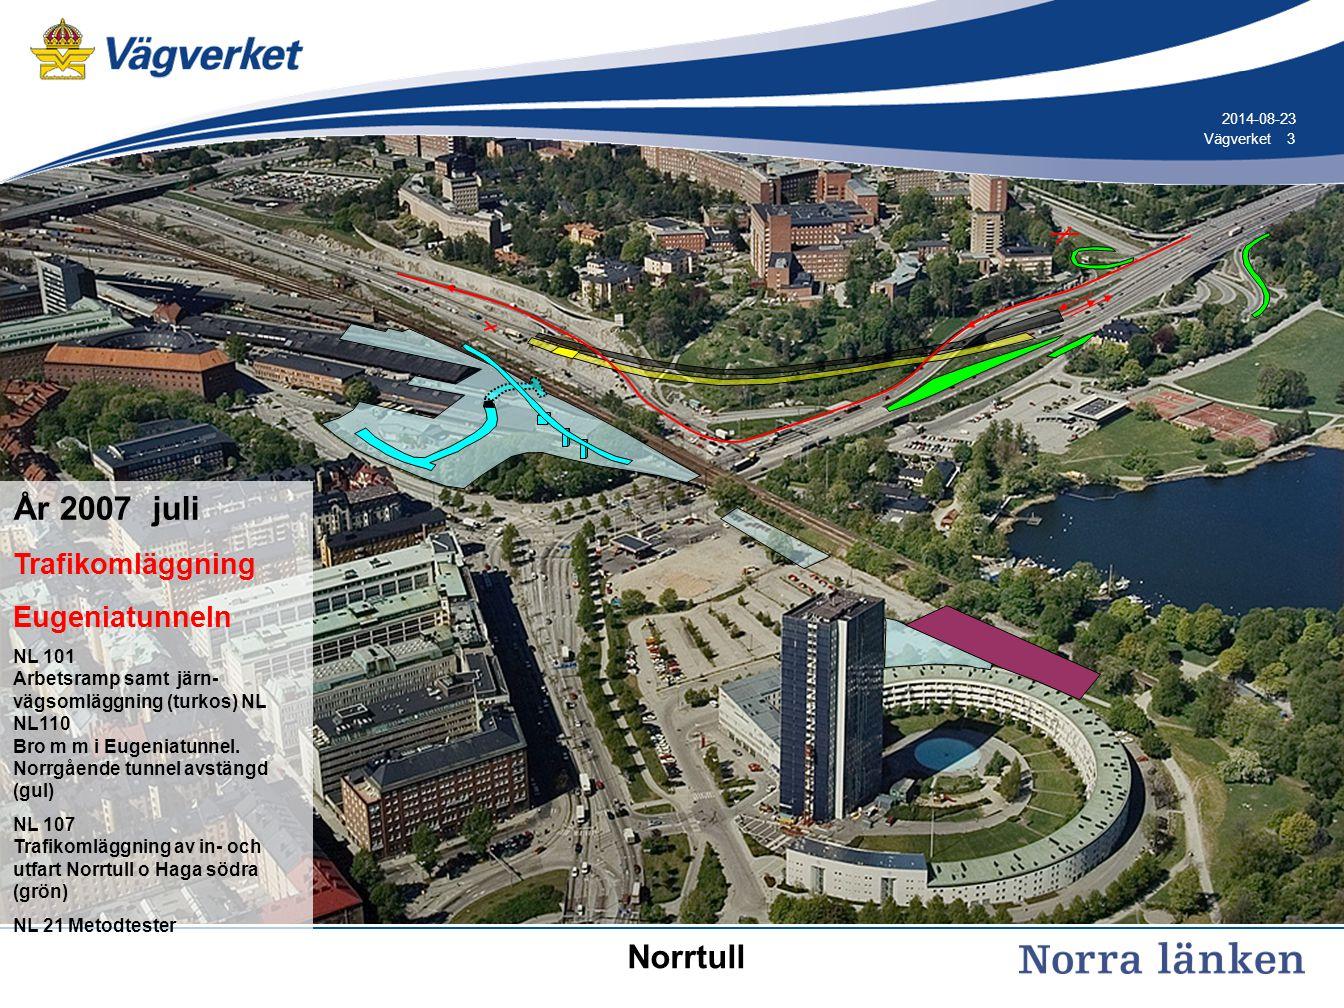 3 3Vägverket 2014-08-23 År 2007 juli Trafikomläggning Eugeniatunneln NL 101 Arbetsramp samt järn- vägsomläggning (turkos) NL NL110 Bro m m i Eugeniatu